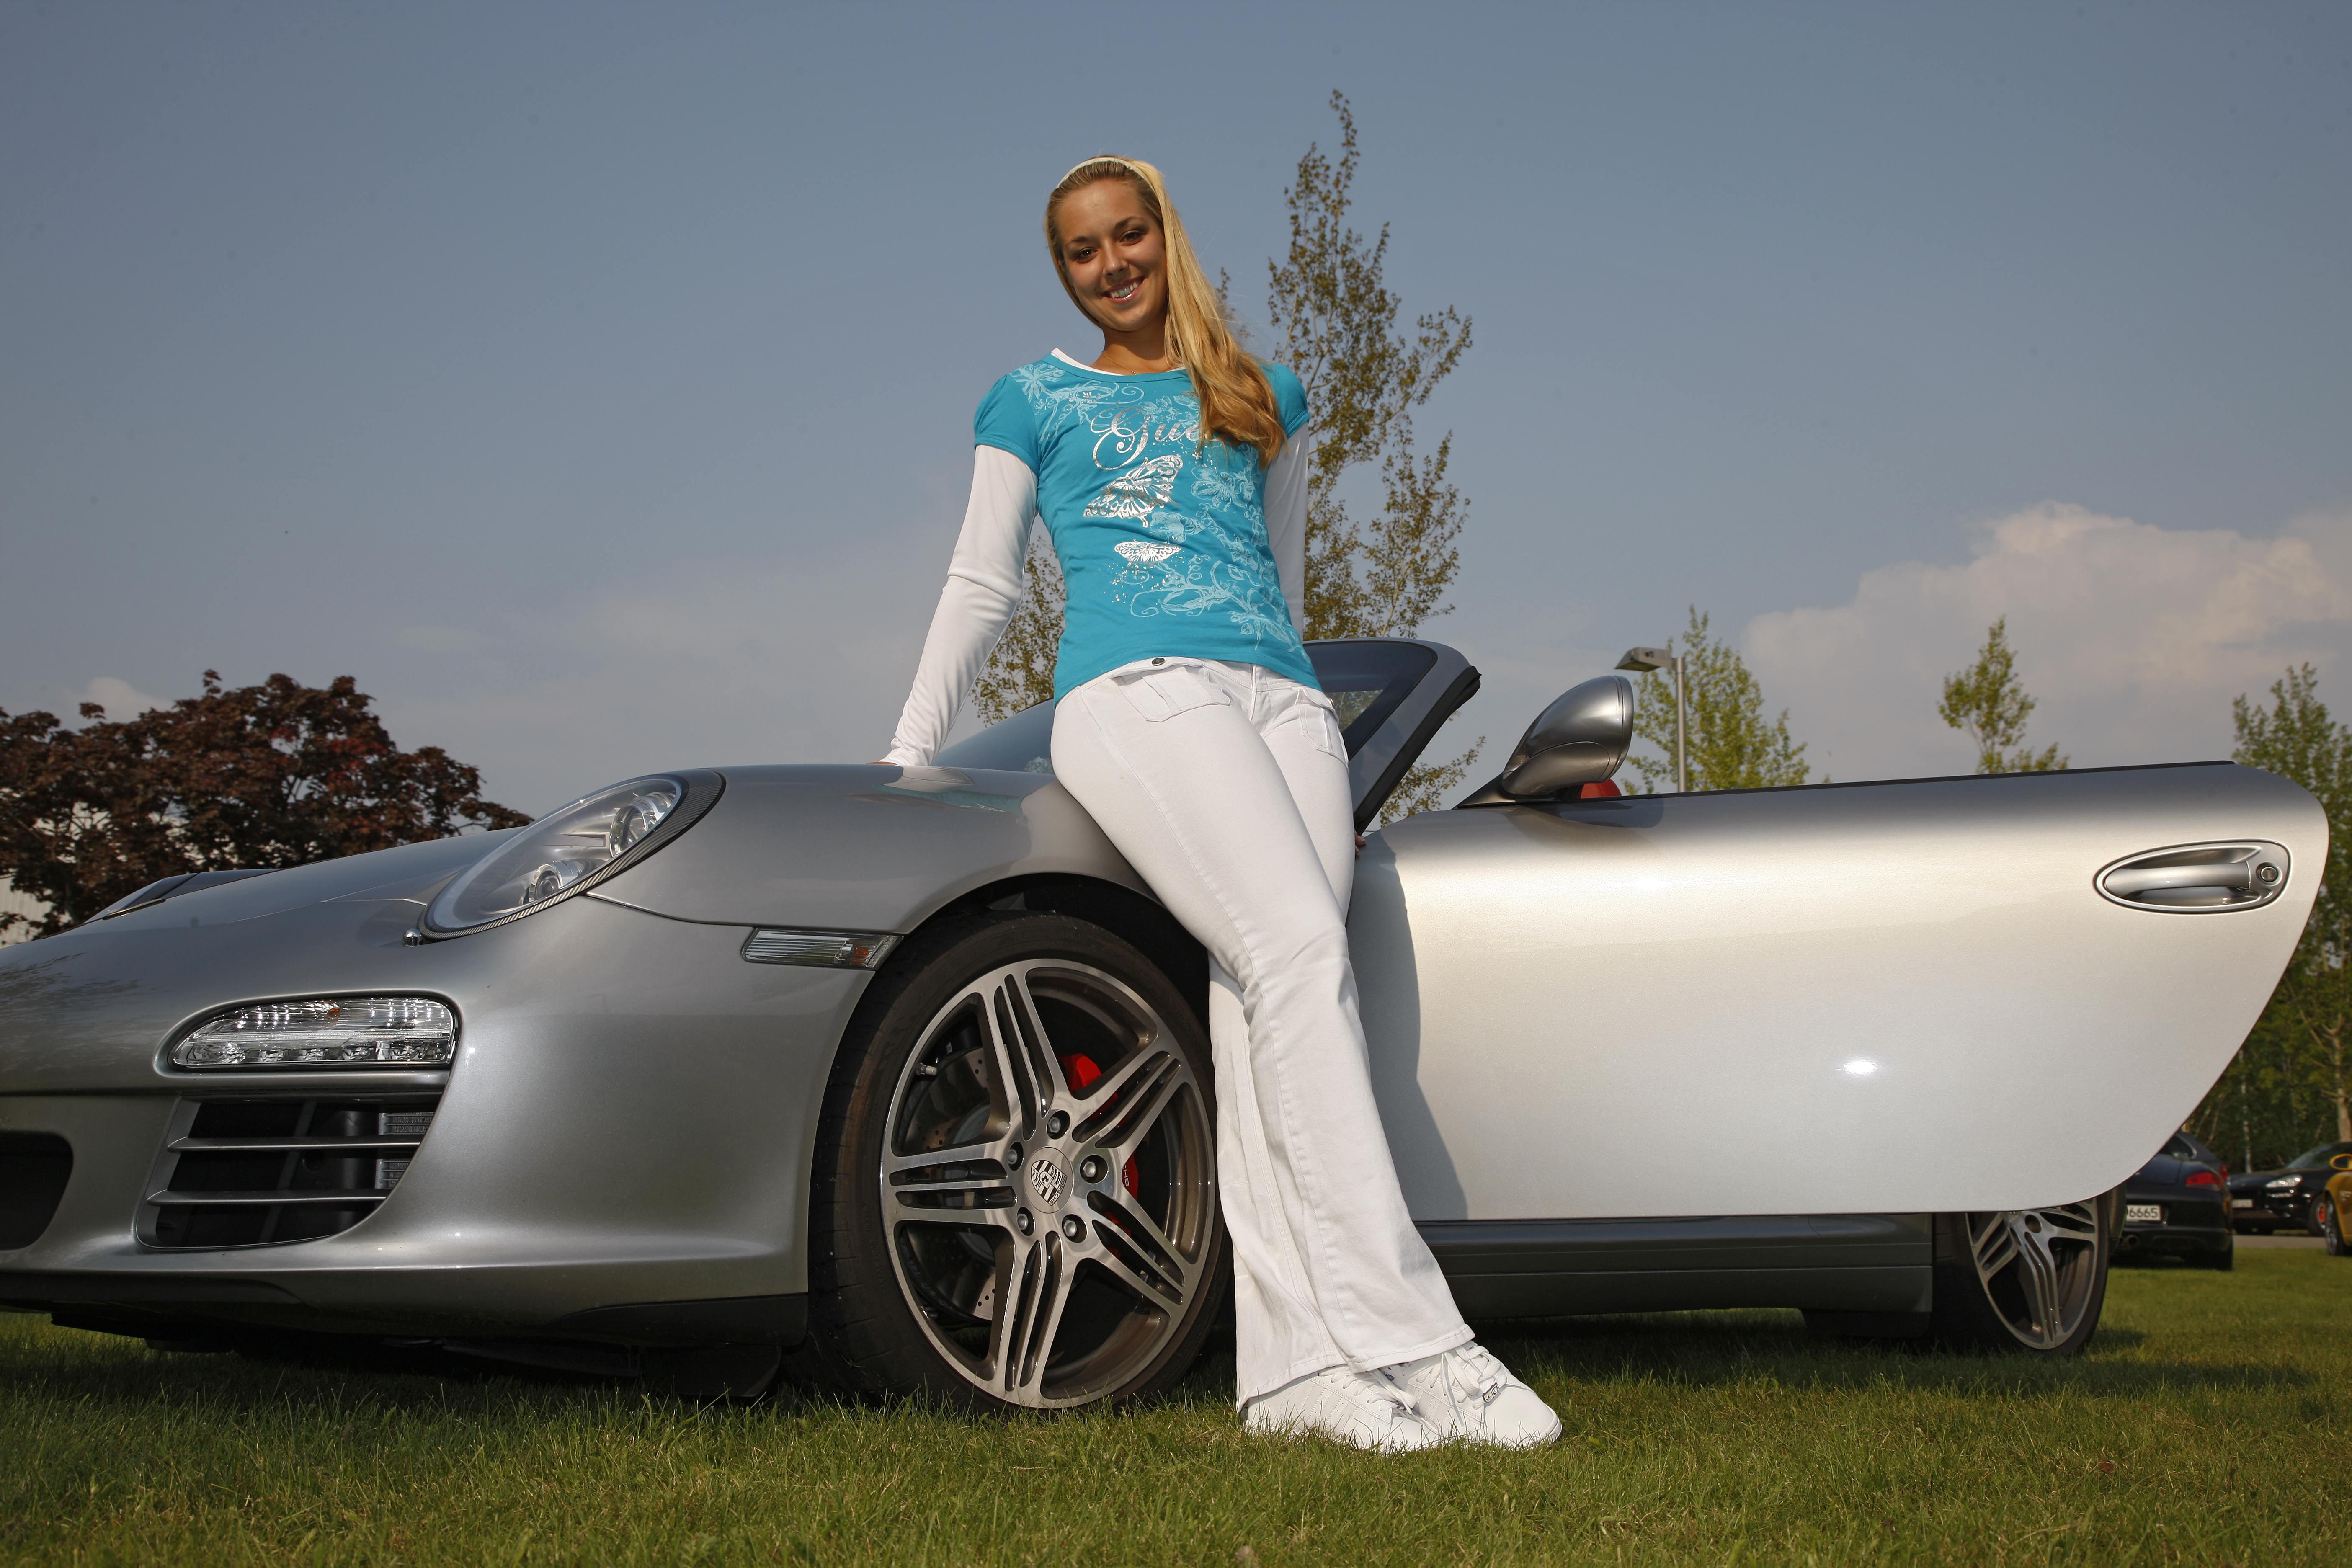 Porsche Tennis Sabine Lisicki With A Win In Birmingham